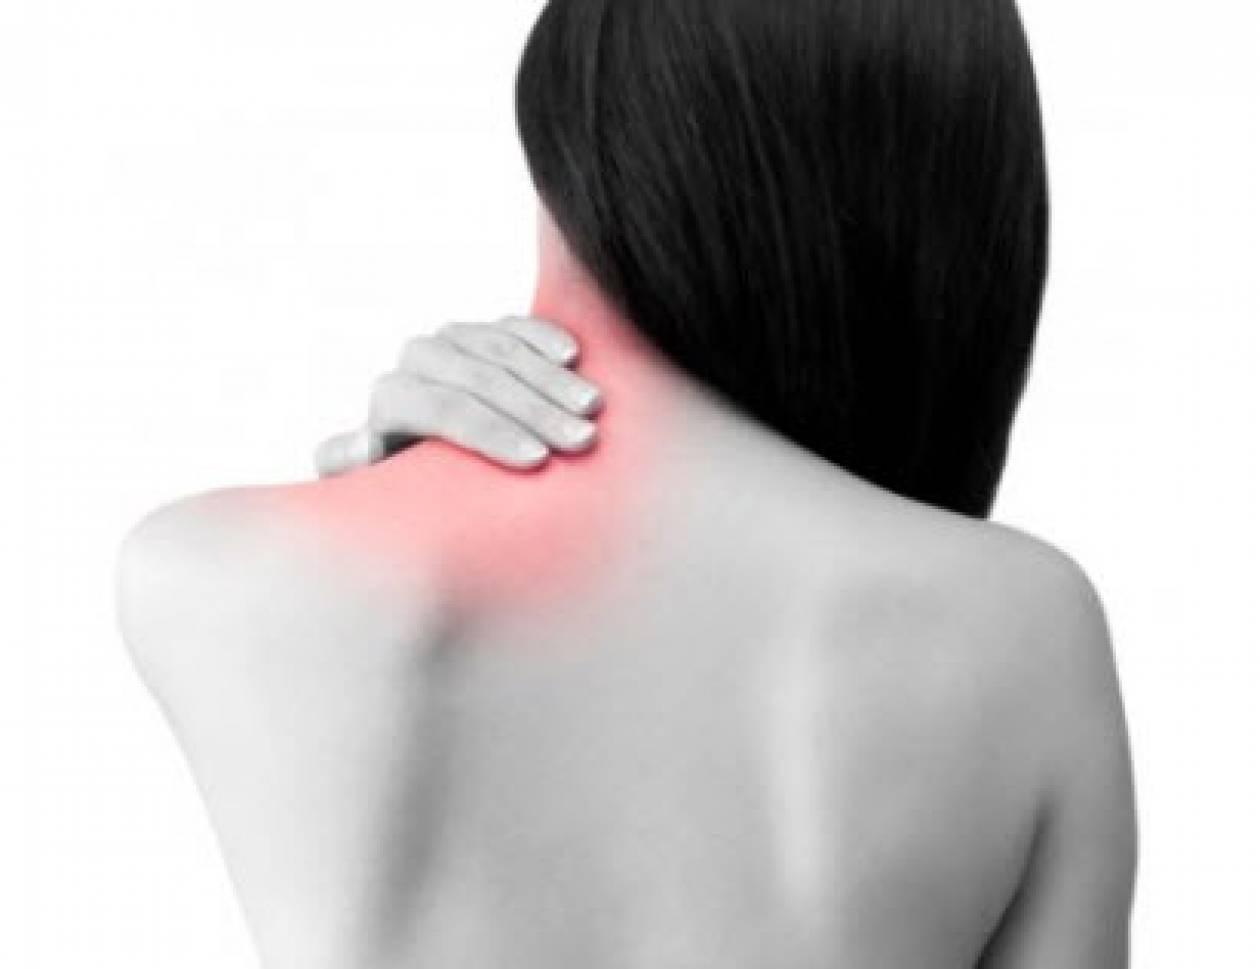 Ρευματοειδής Αρθρίτιδα: Ο εχθρός που κρύβεται μέσα σας